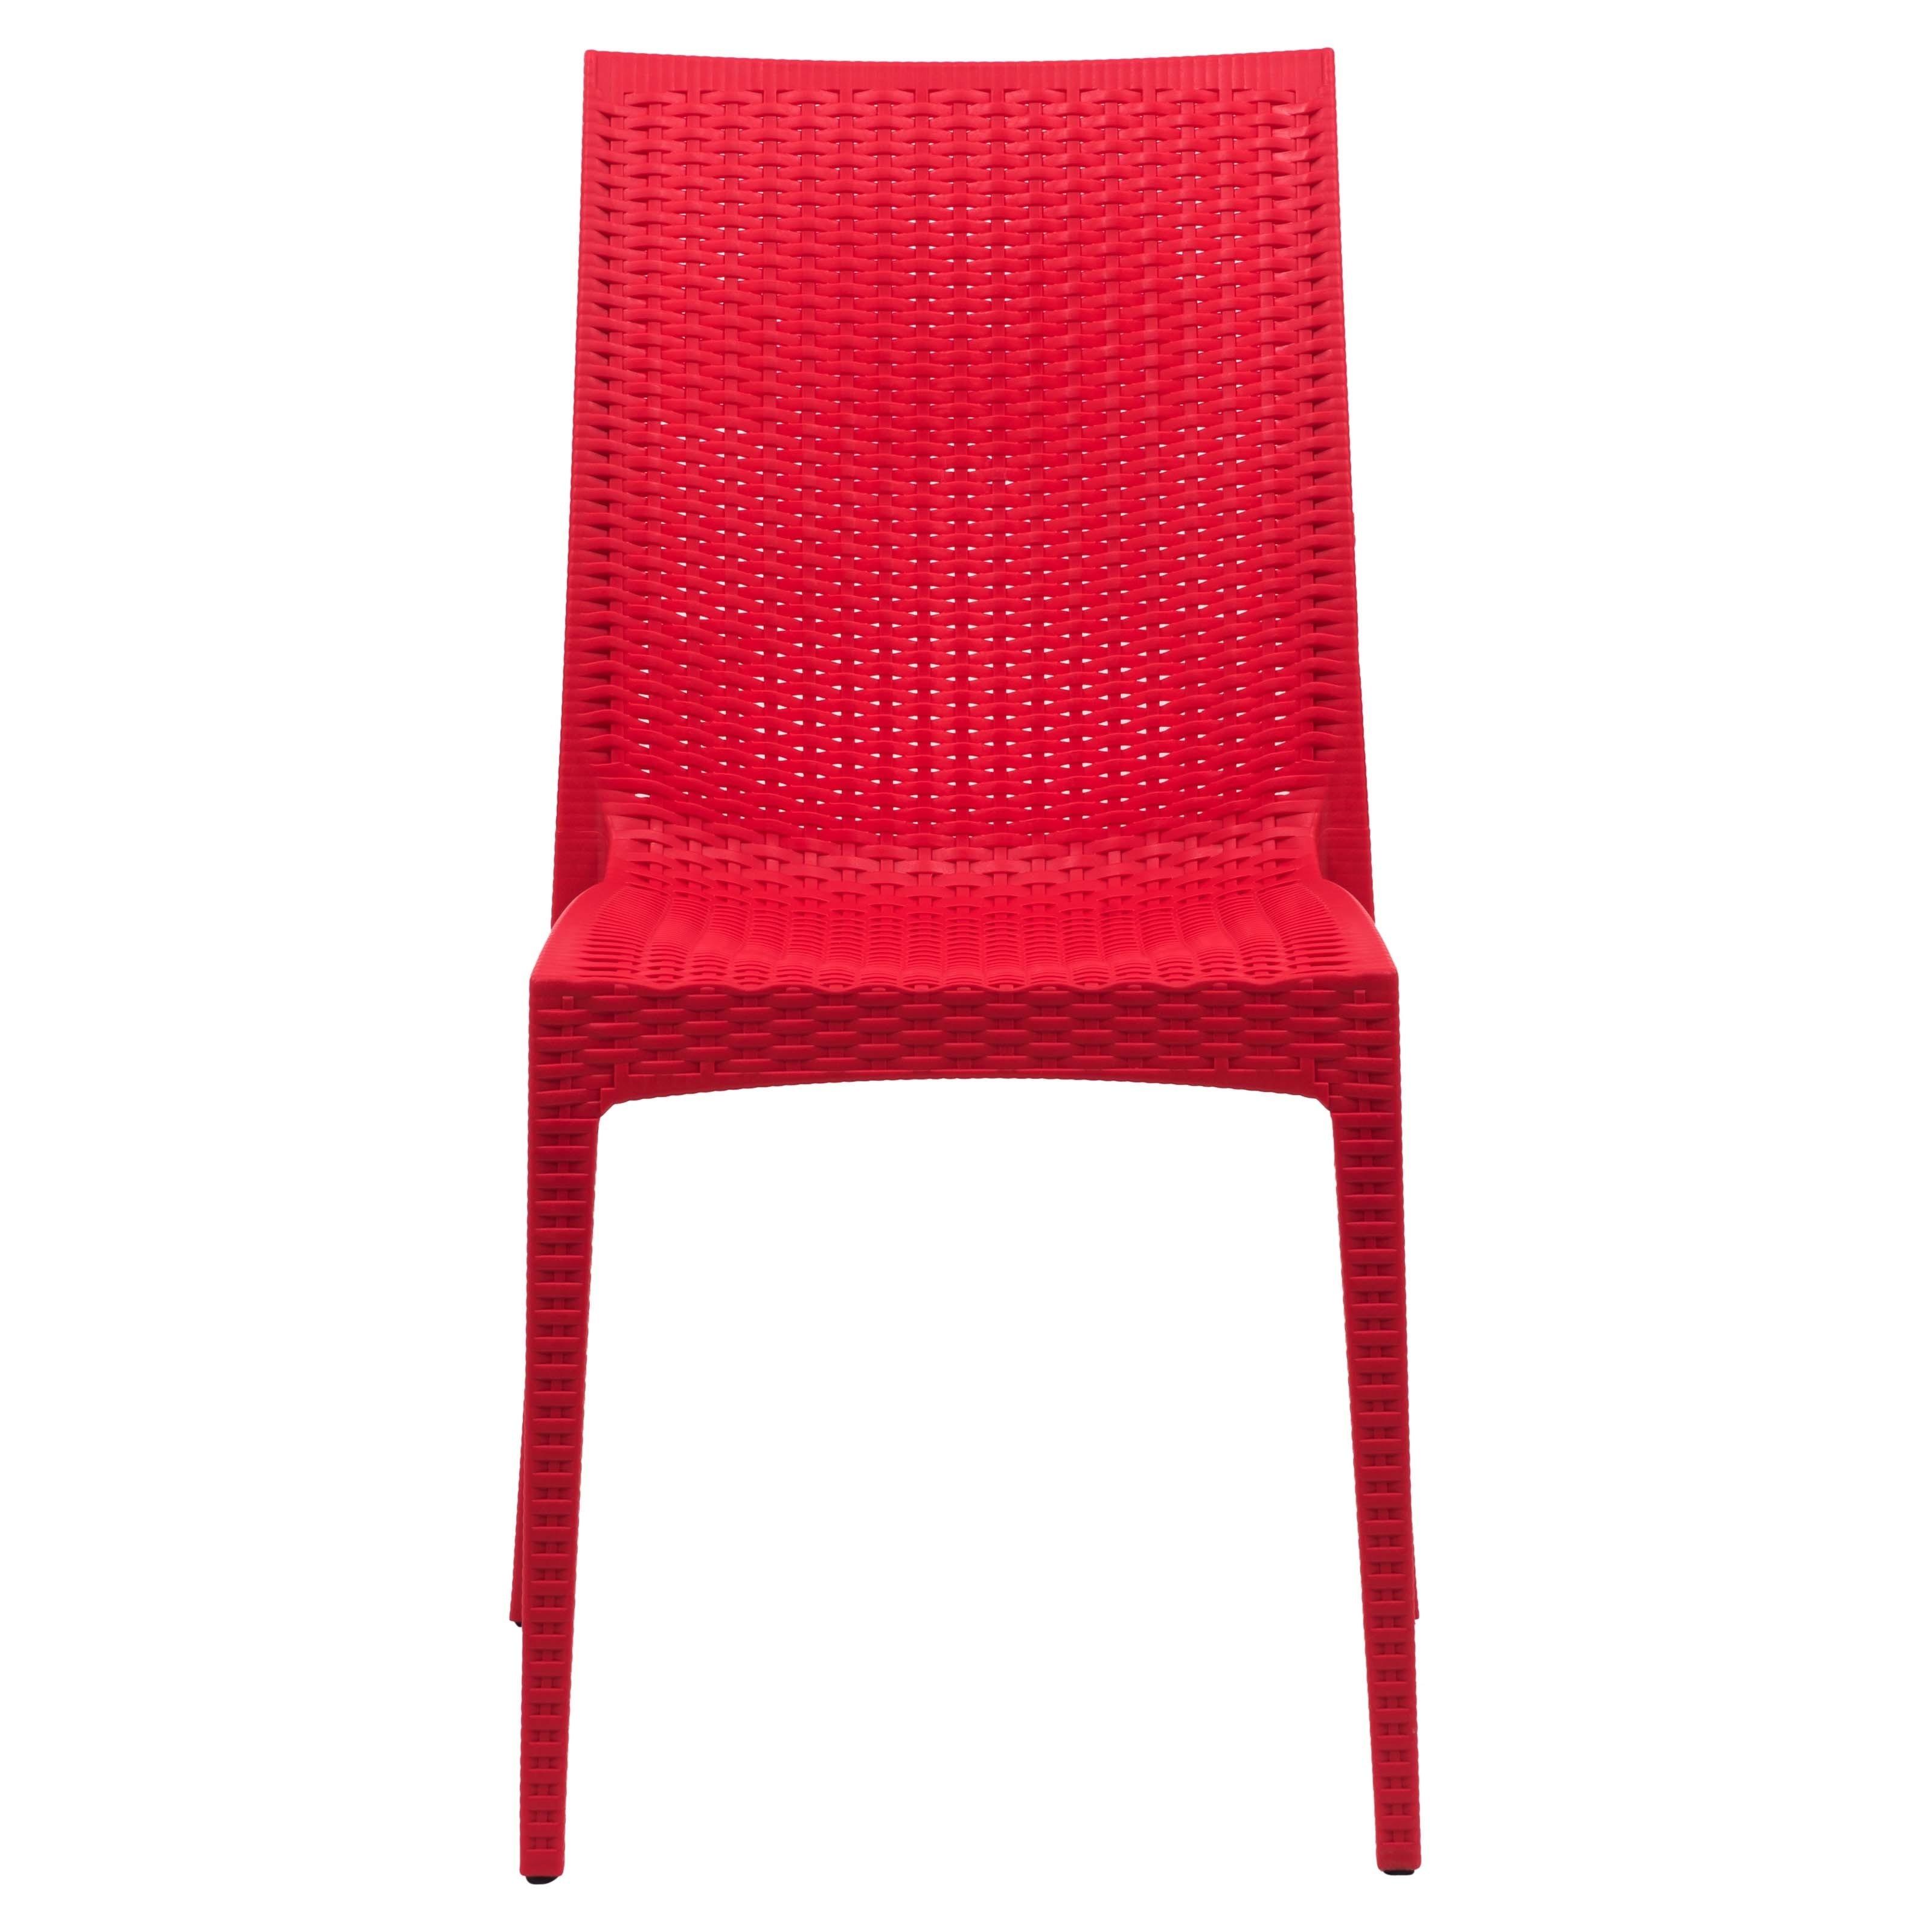 Indoor Outdoor Dining Chair